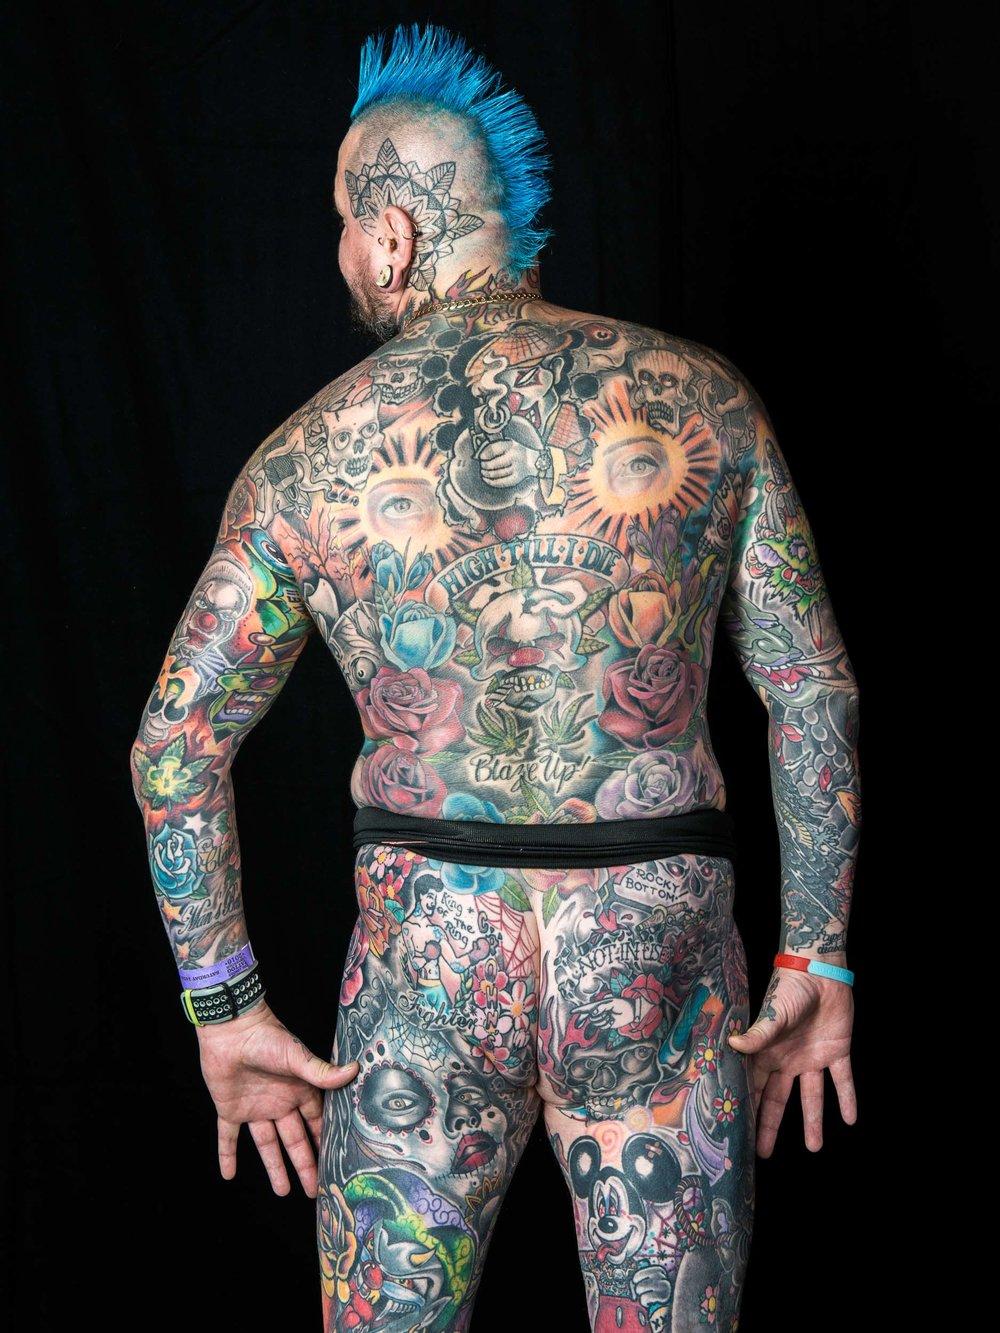 www.iaincrockart.com_tattoo-12.jpg